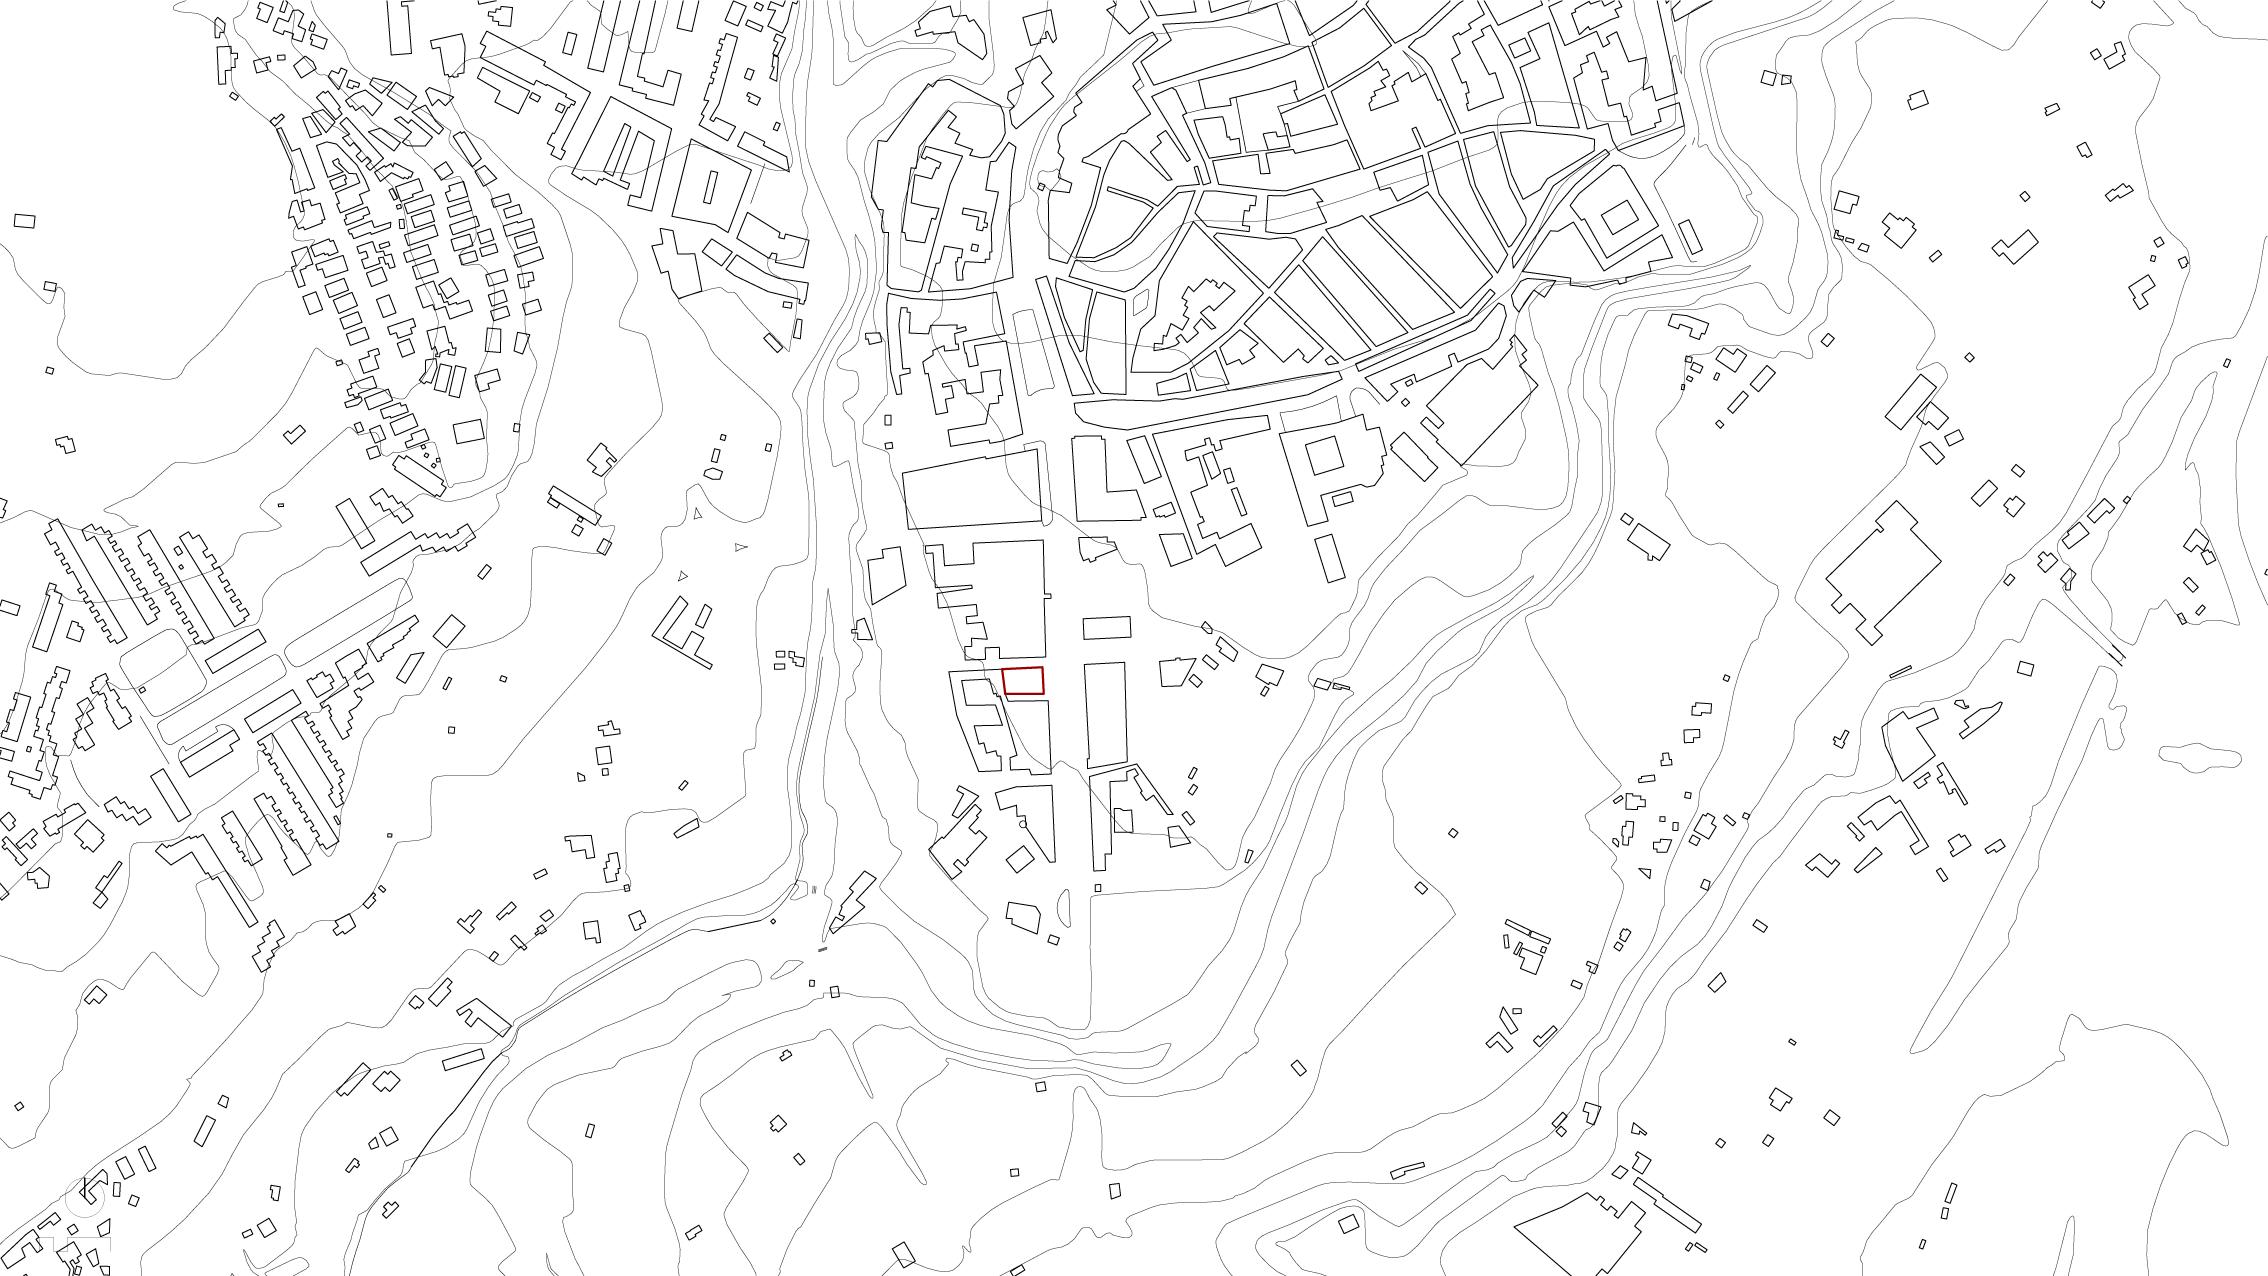 66-emplaçament-2000-wb.png